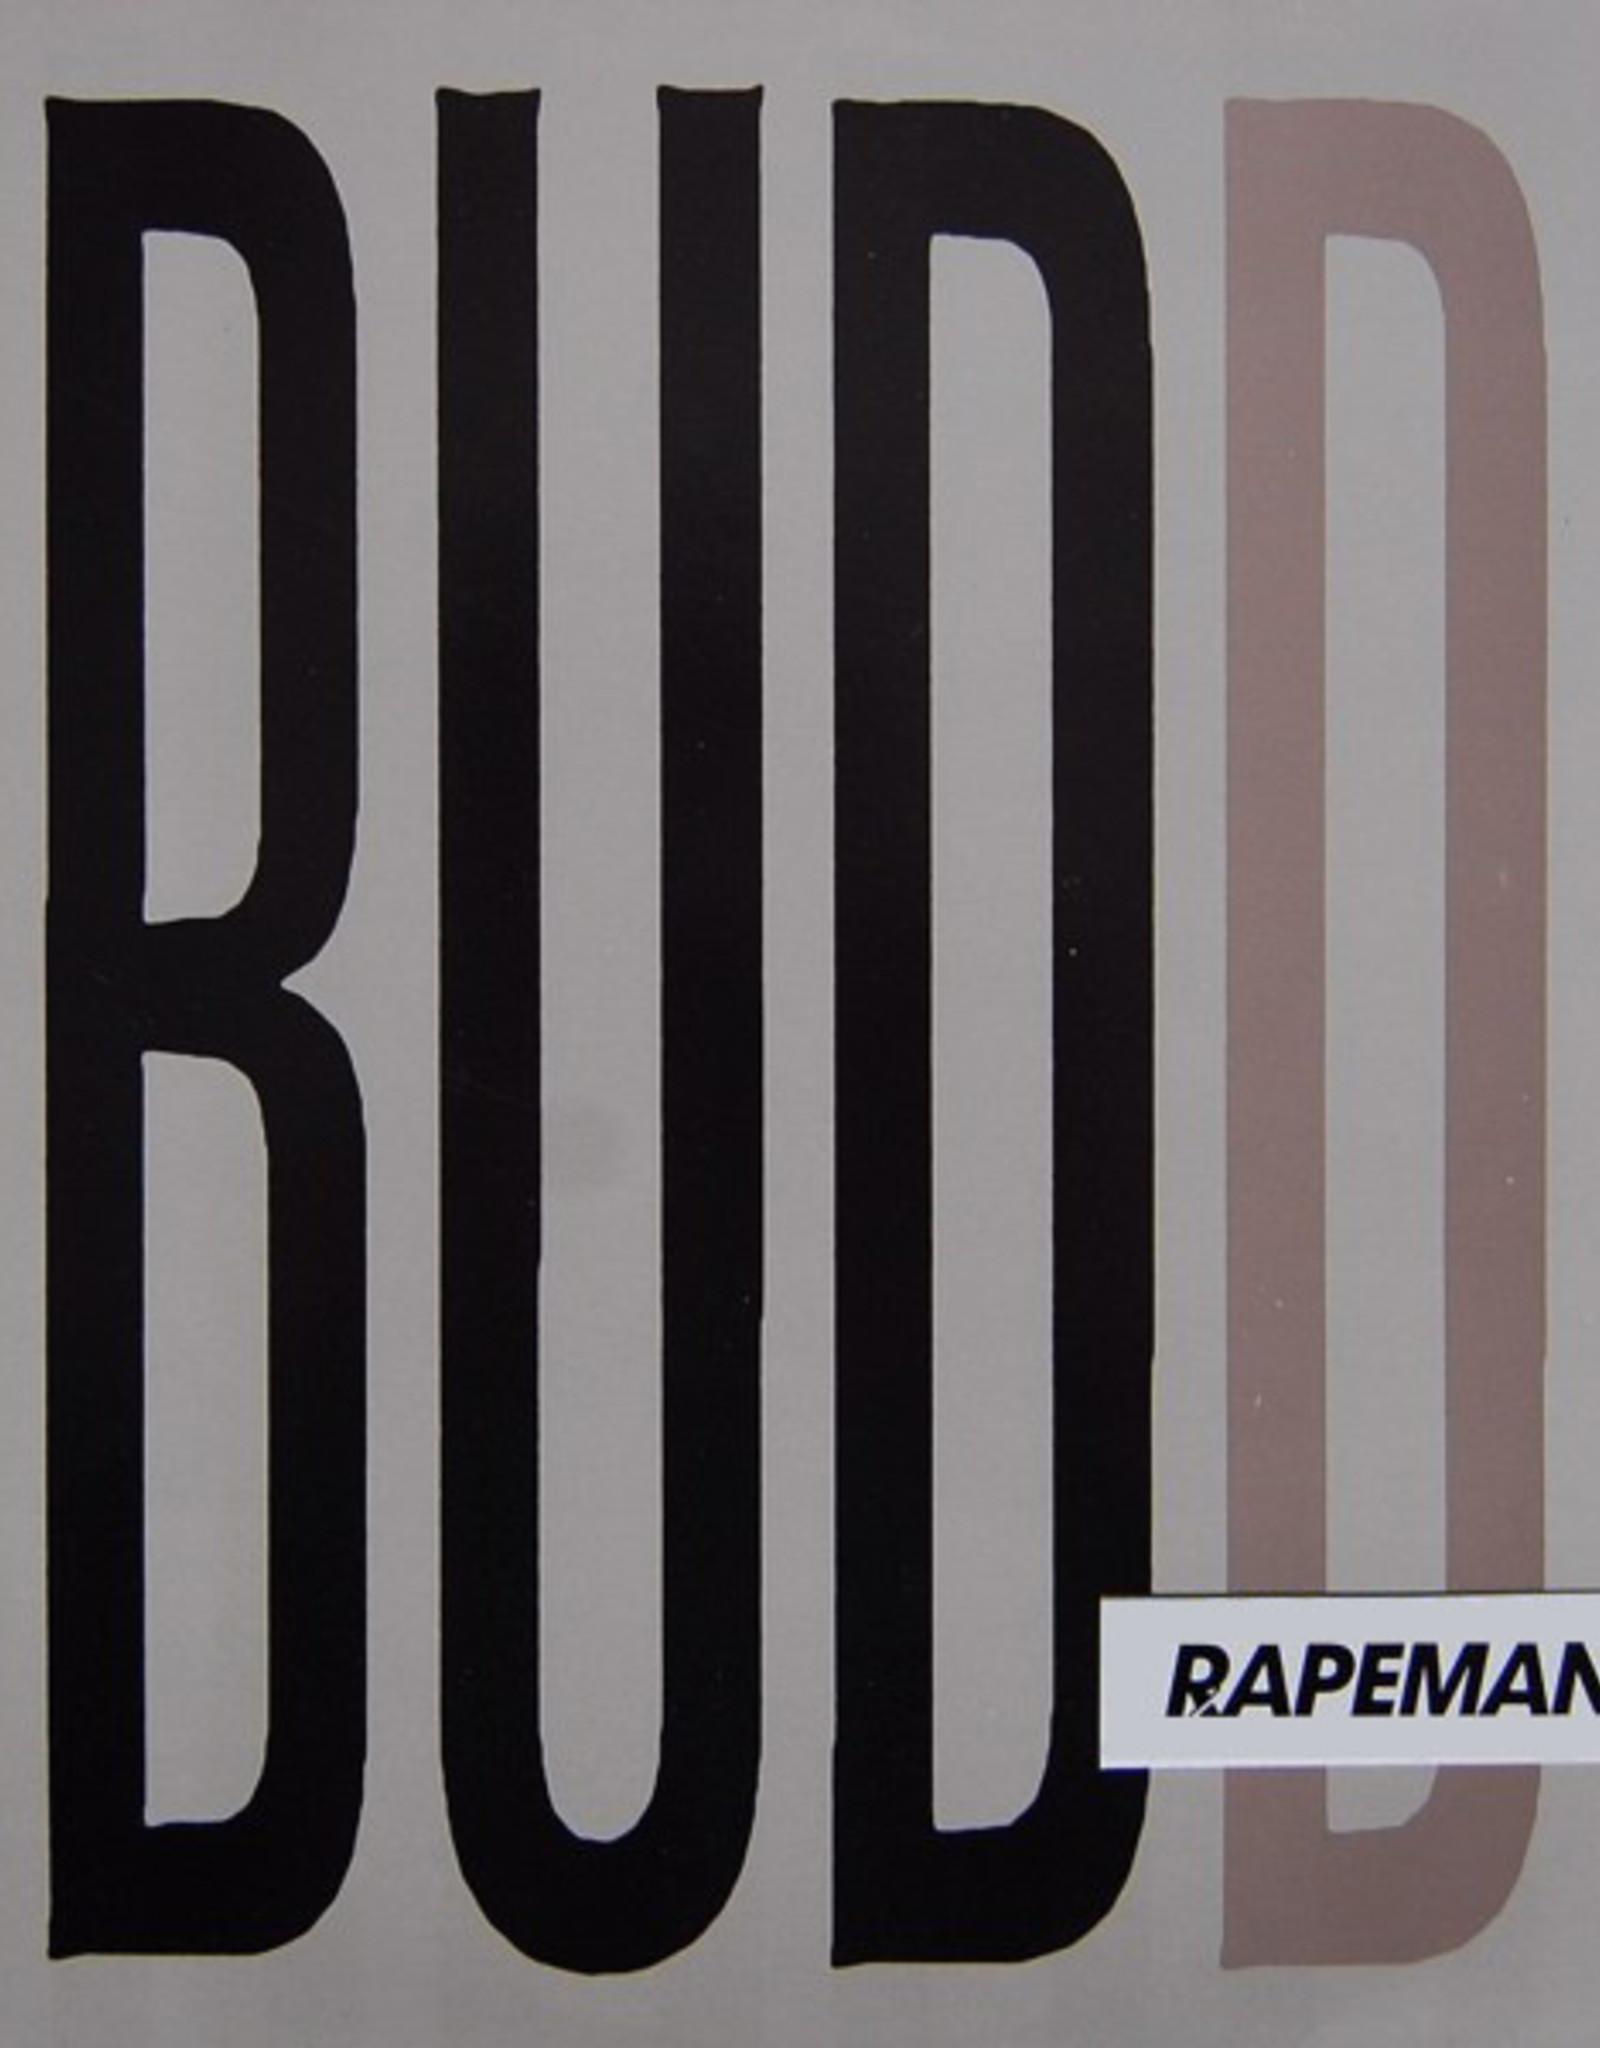 Rapeman - Budd EP